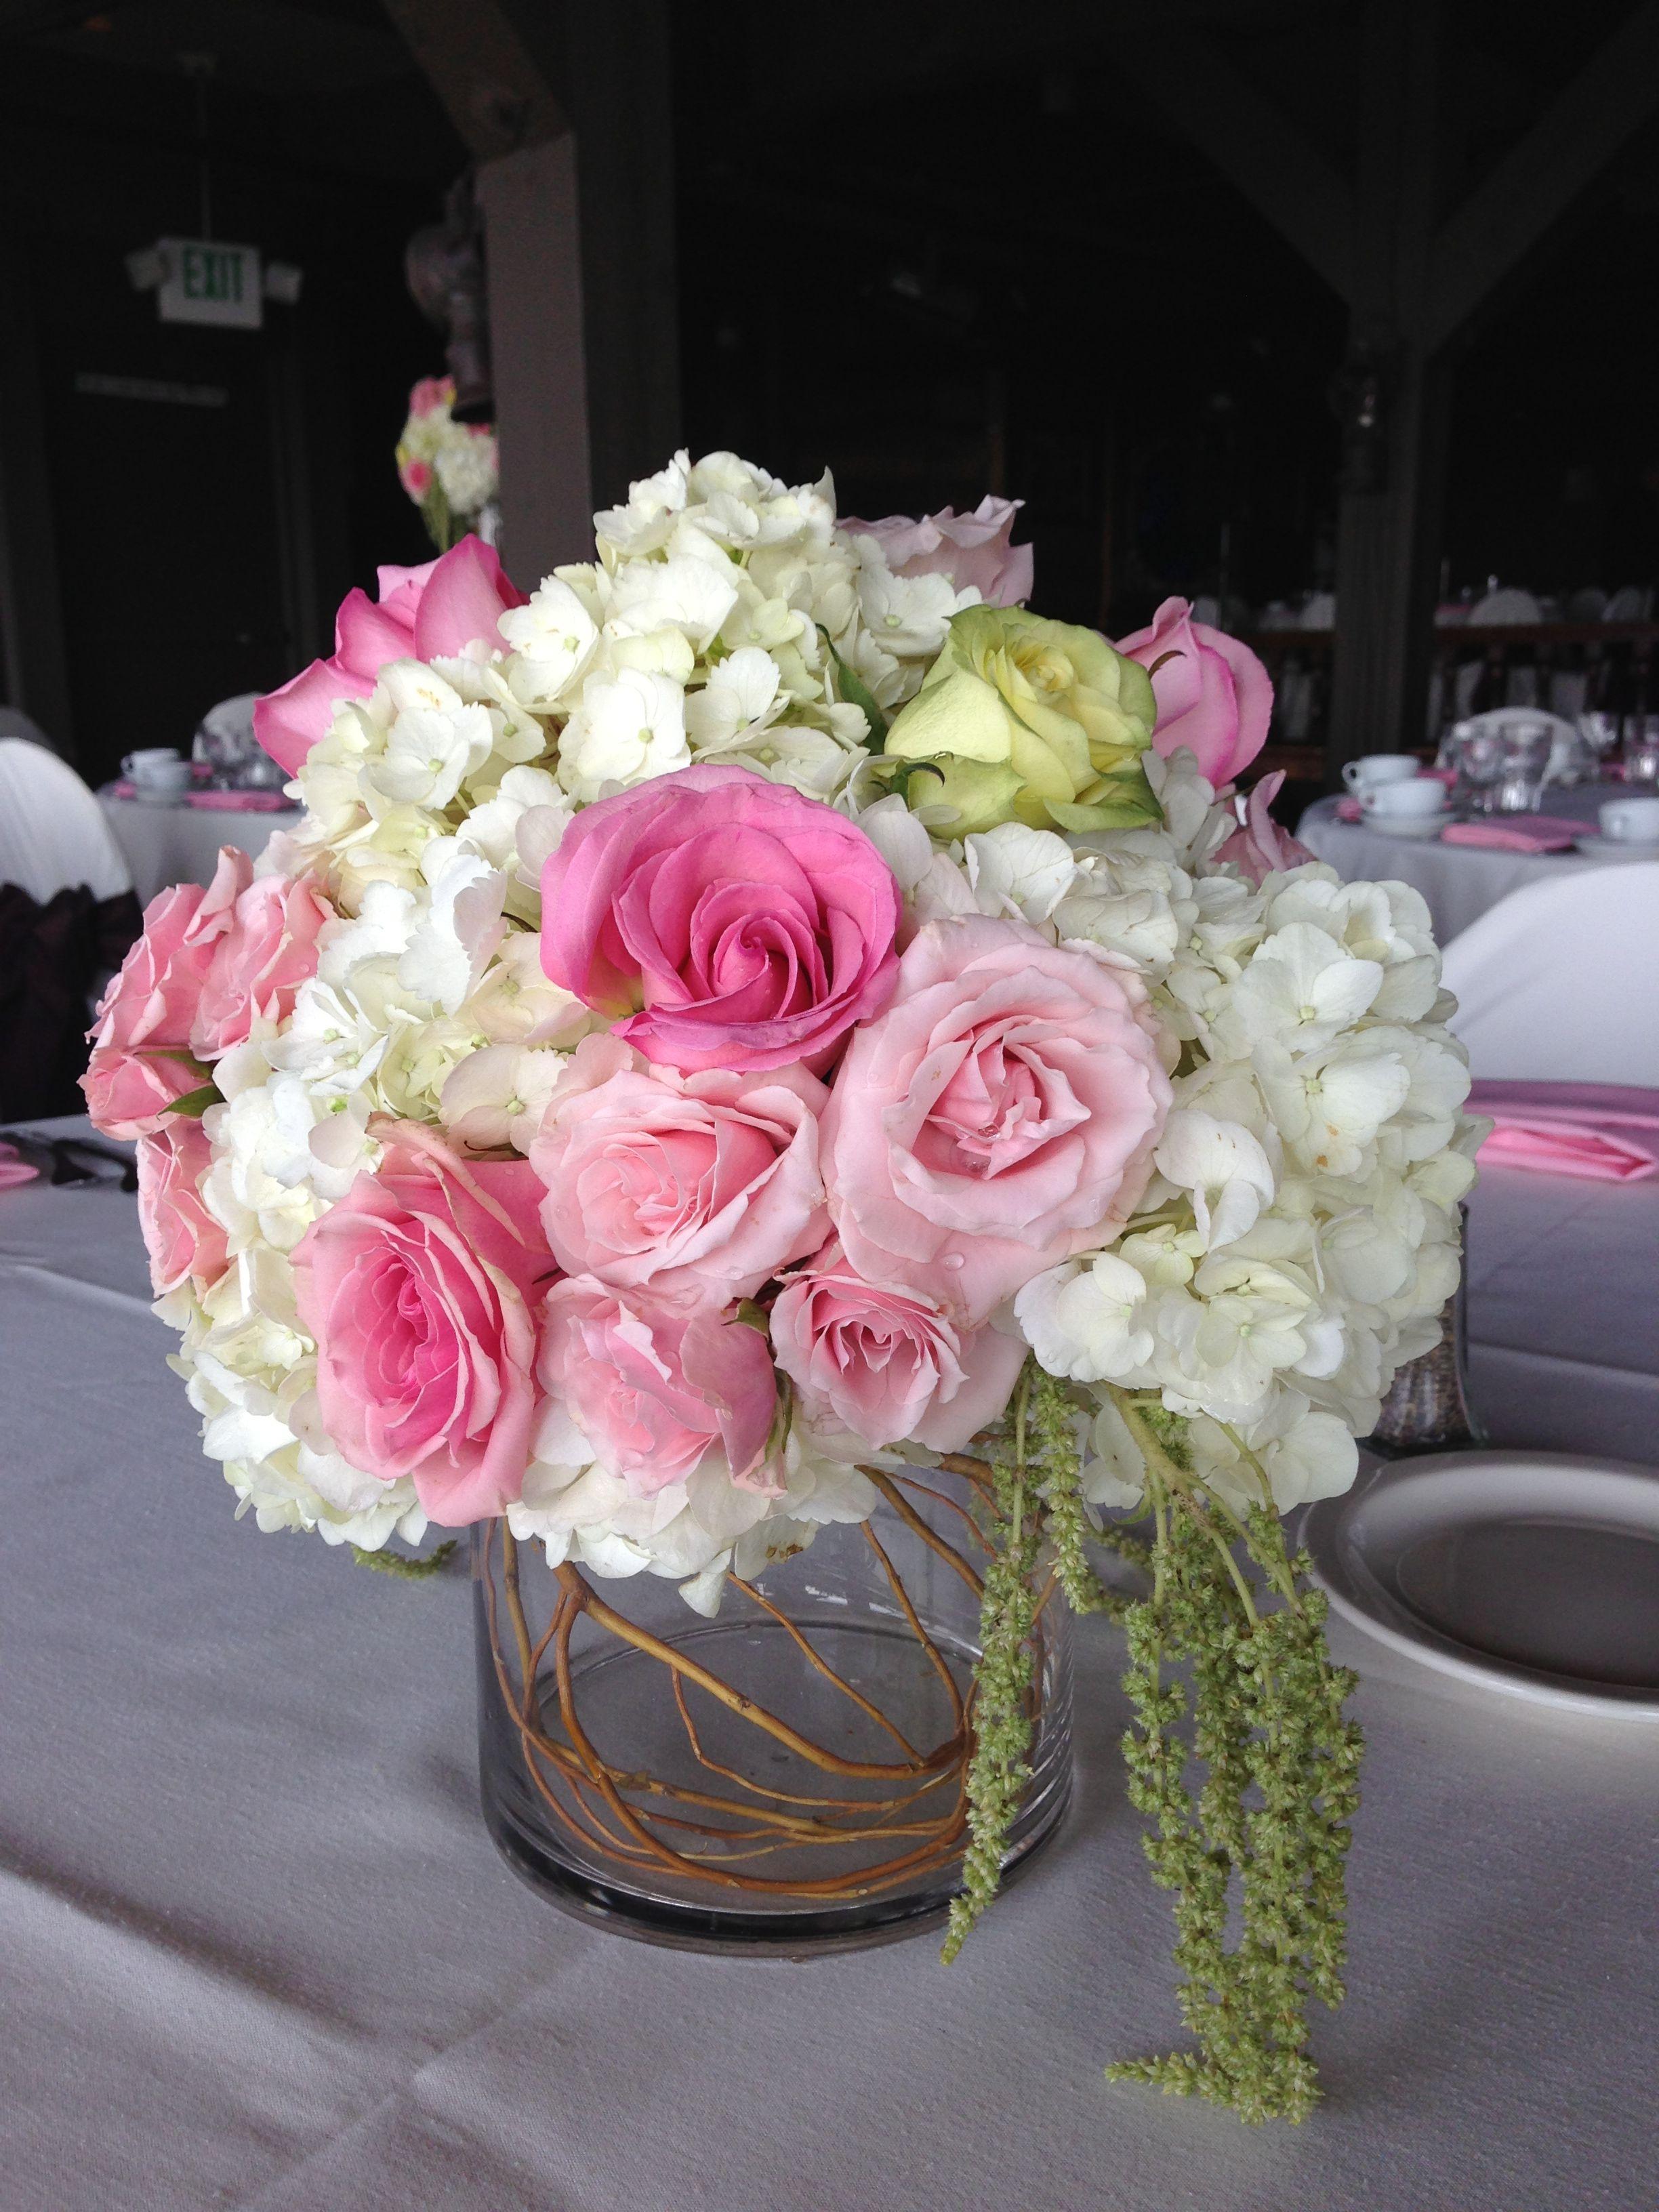 Pink White Low Centerpiece Wedding Centerpiece Ideas